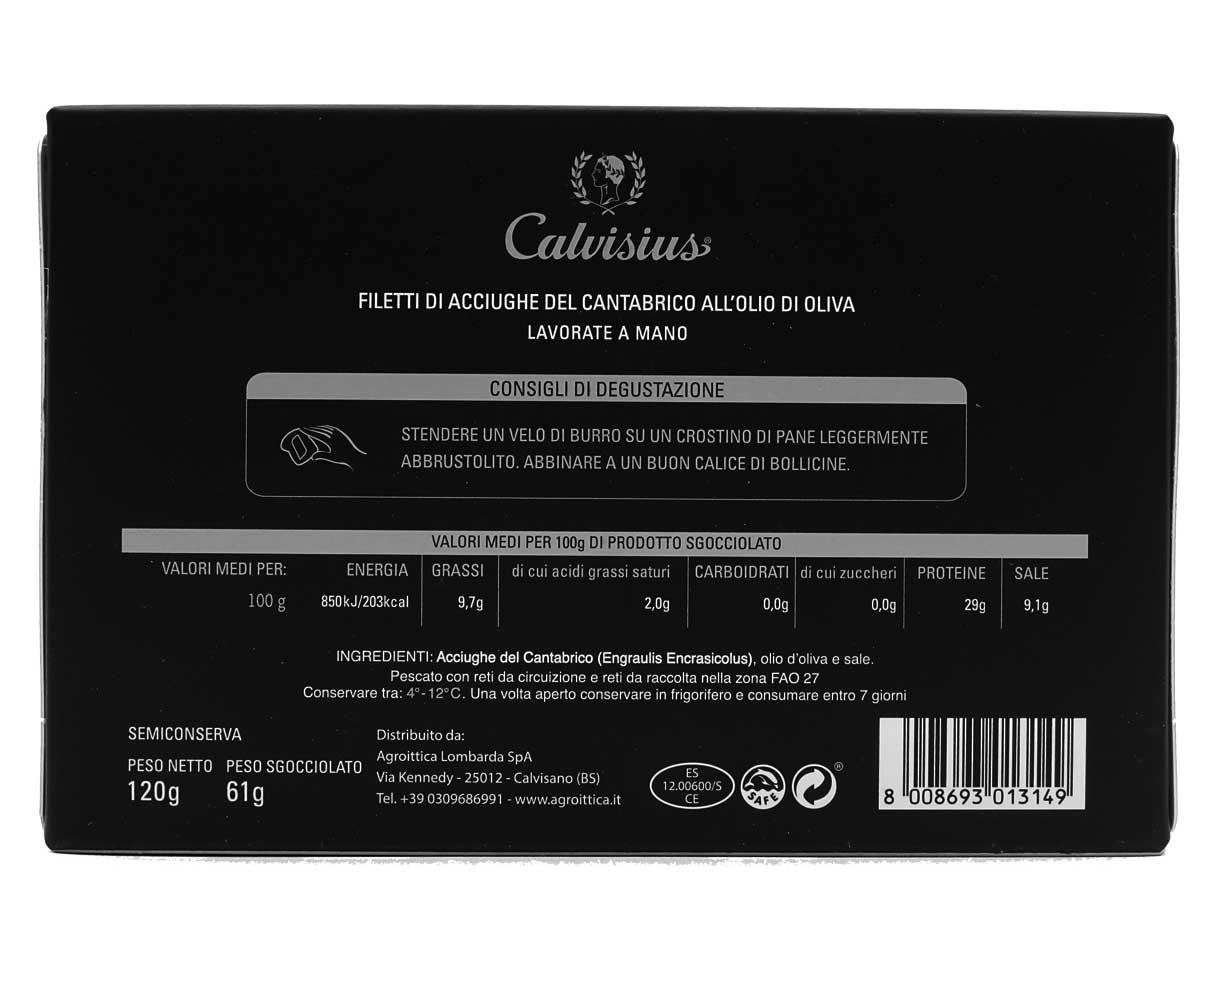 Filetti di acciughe del Cantabrico all'olio d'oliva Calvisius Caviar 120gr